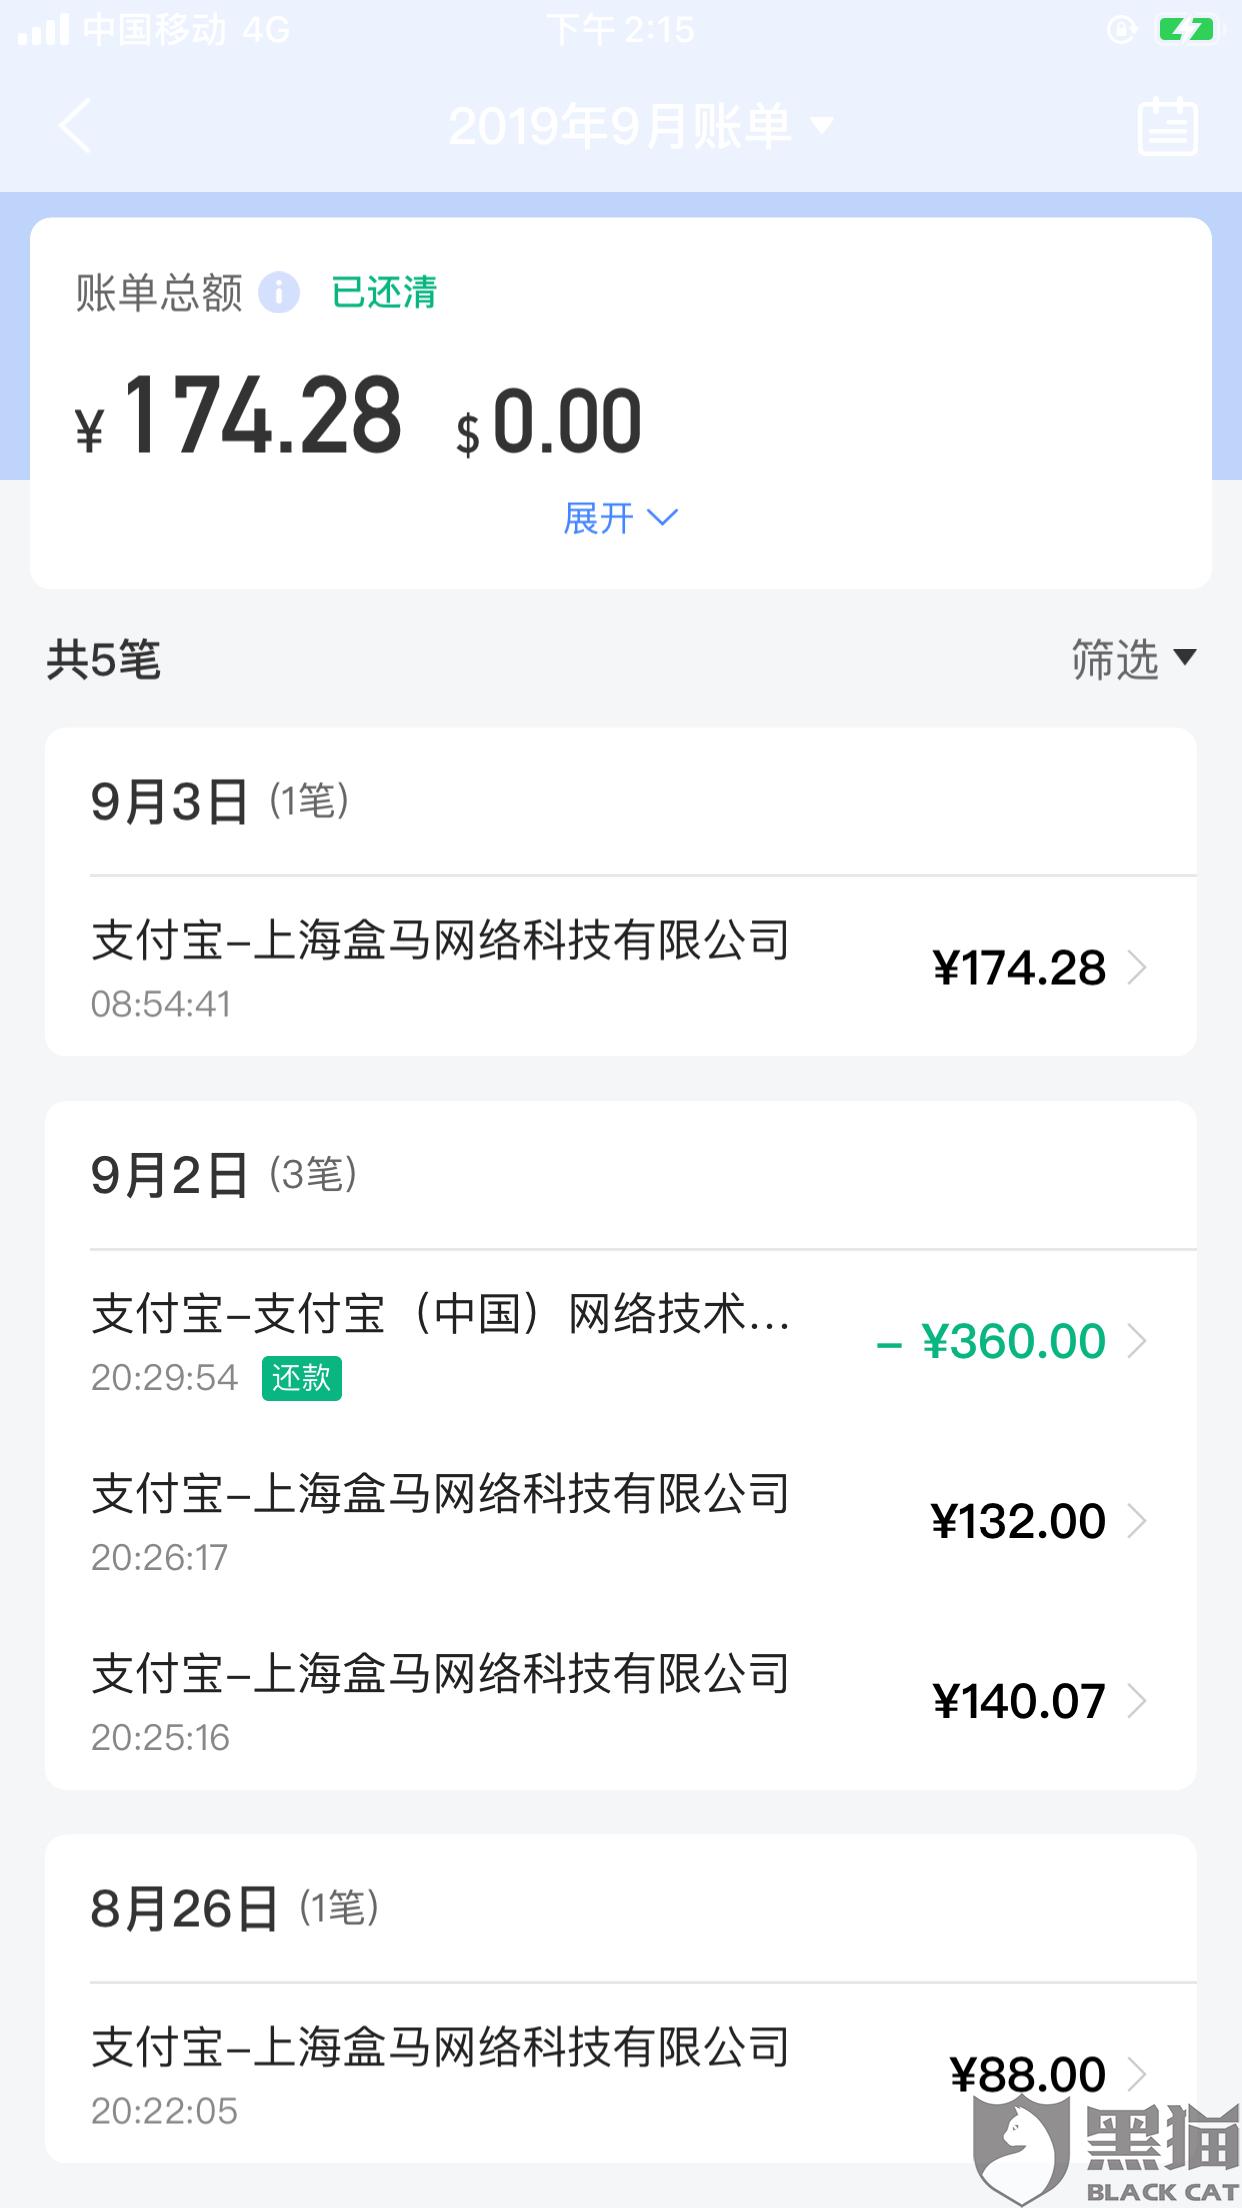 黑猫投诉:上海盒马涉嫌盗扣信用卡